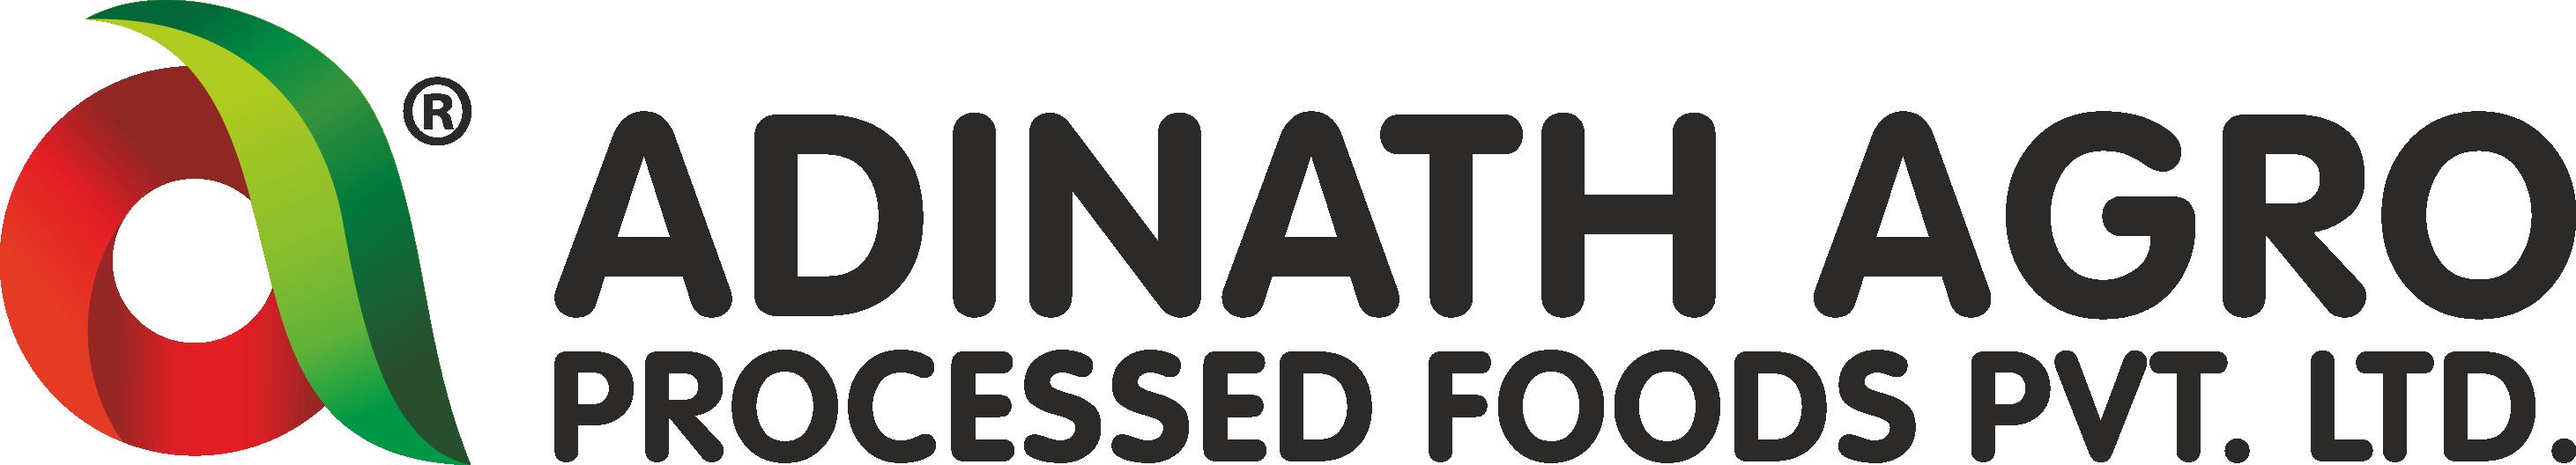 ADINATH AGRO PROCESSED FOODS PVT LTD